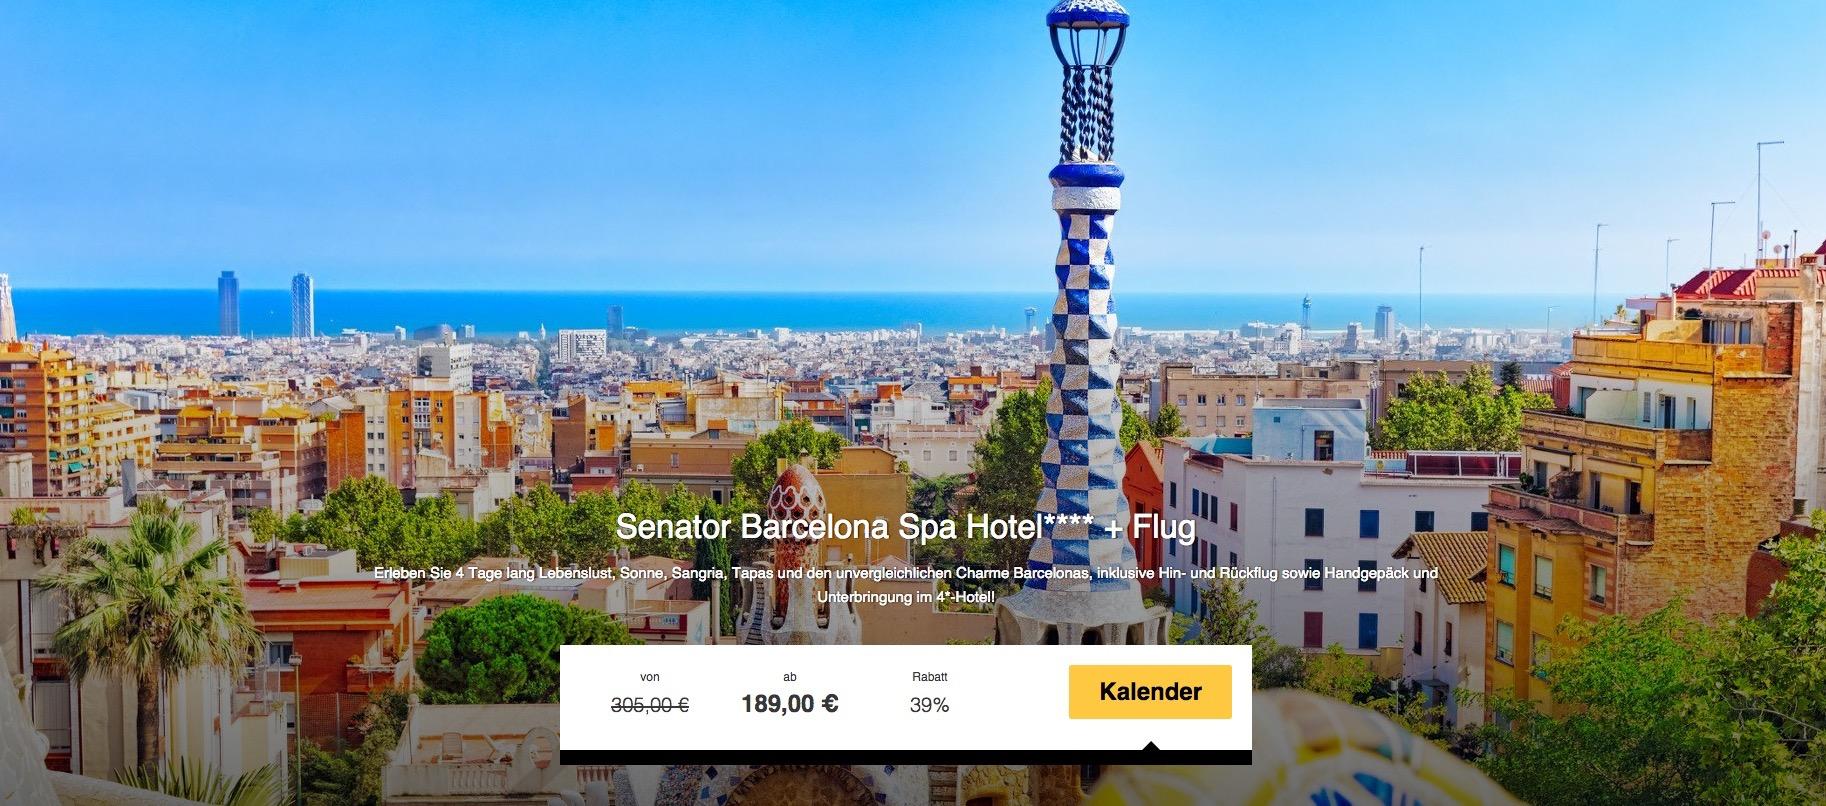 Stadtereise Lissabon Flug Und Hotel